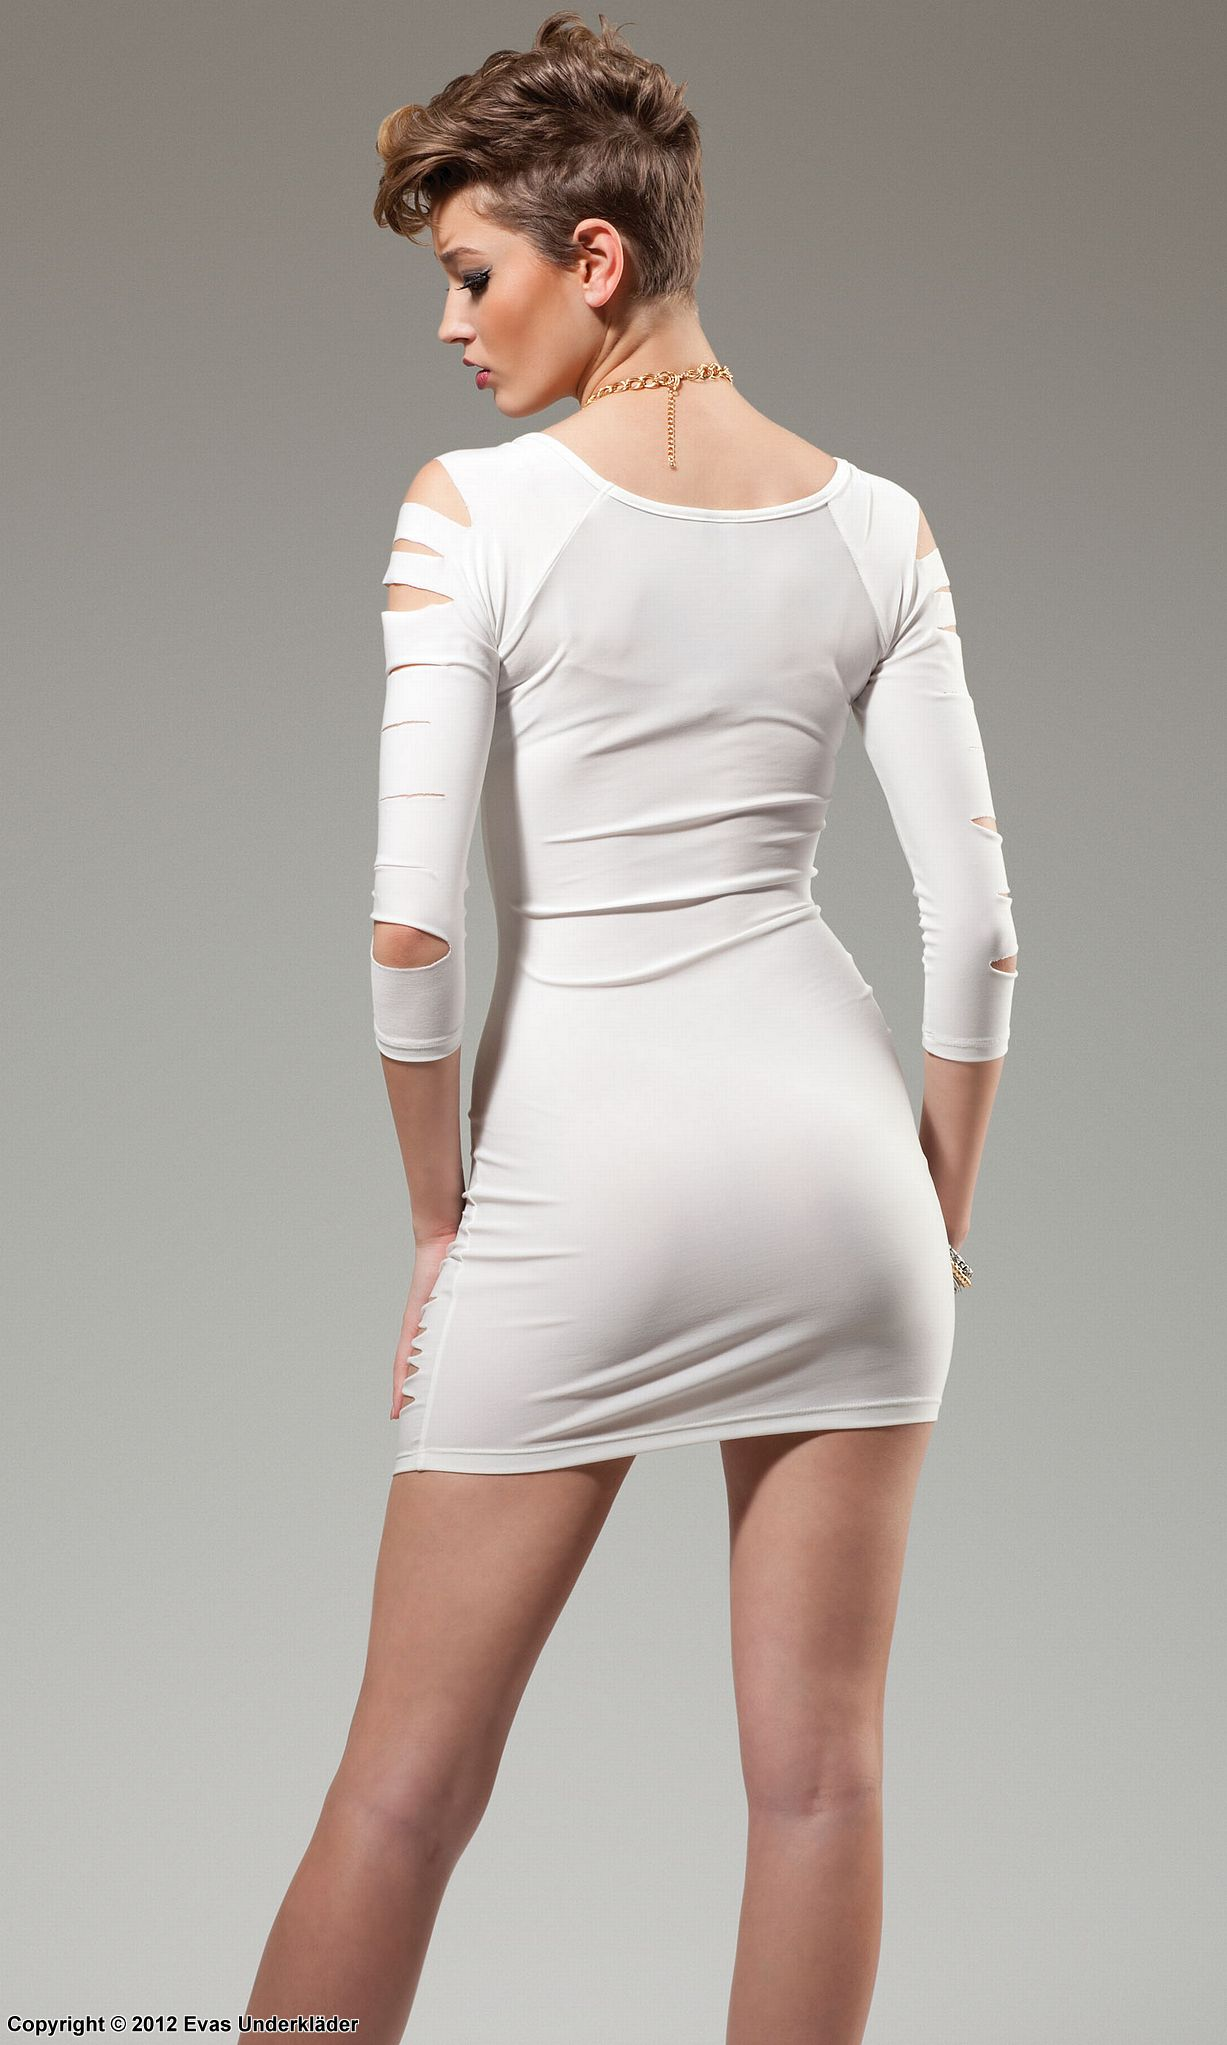 41310e111238 Långärmad klänning med snitt, vit